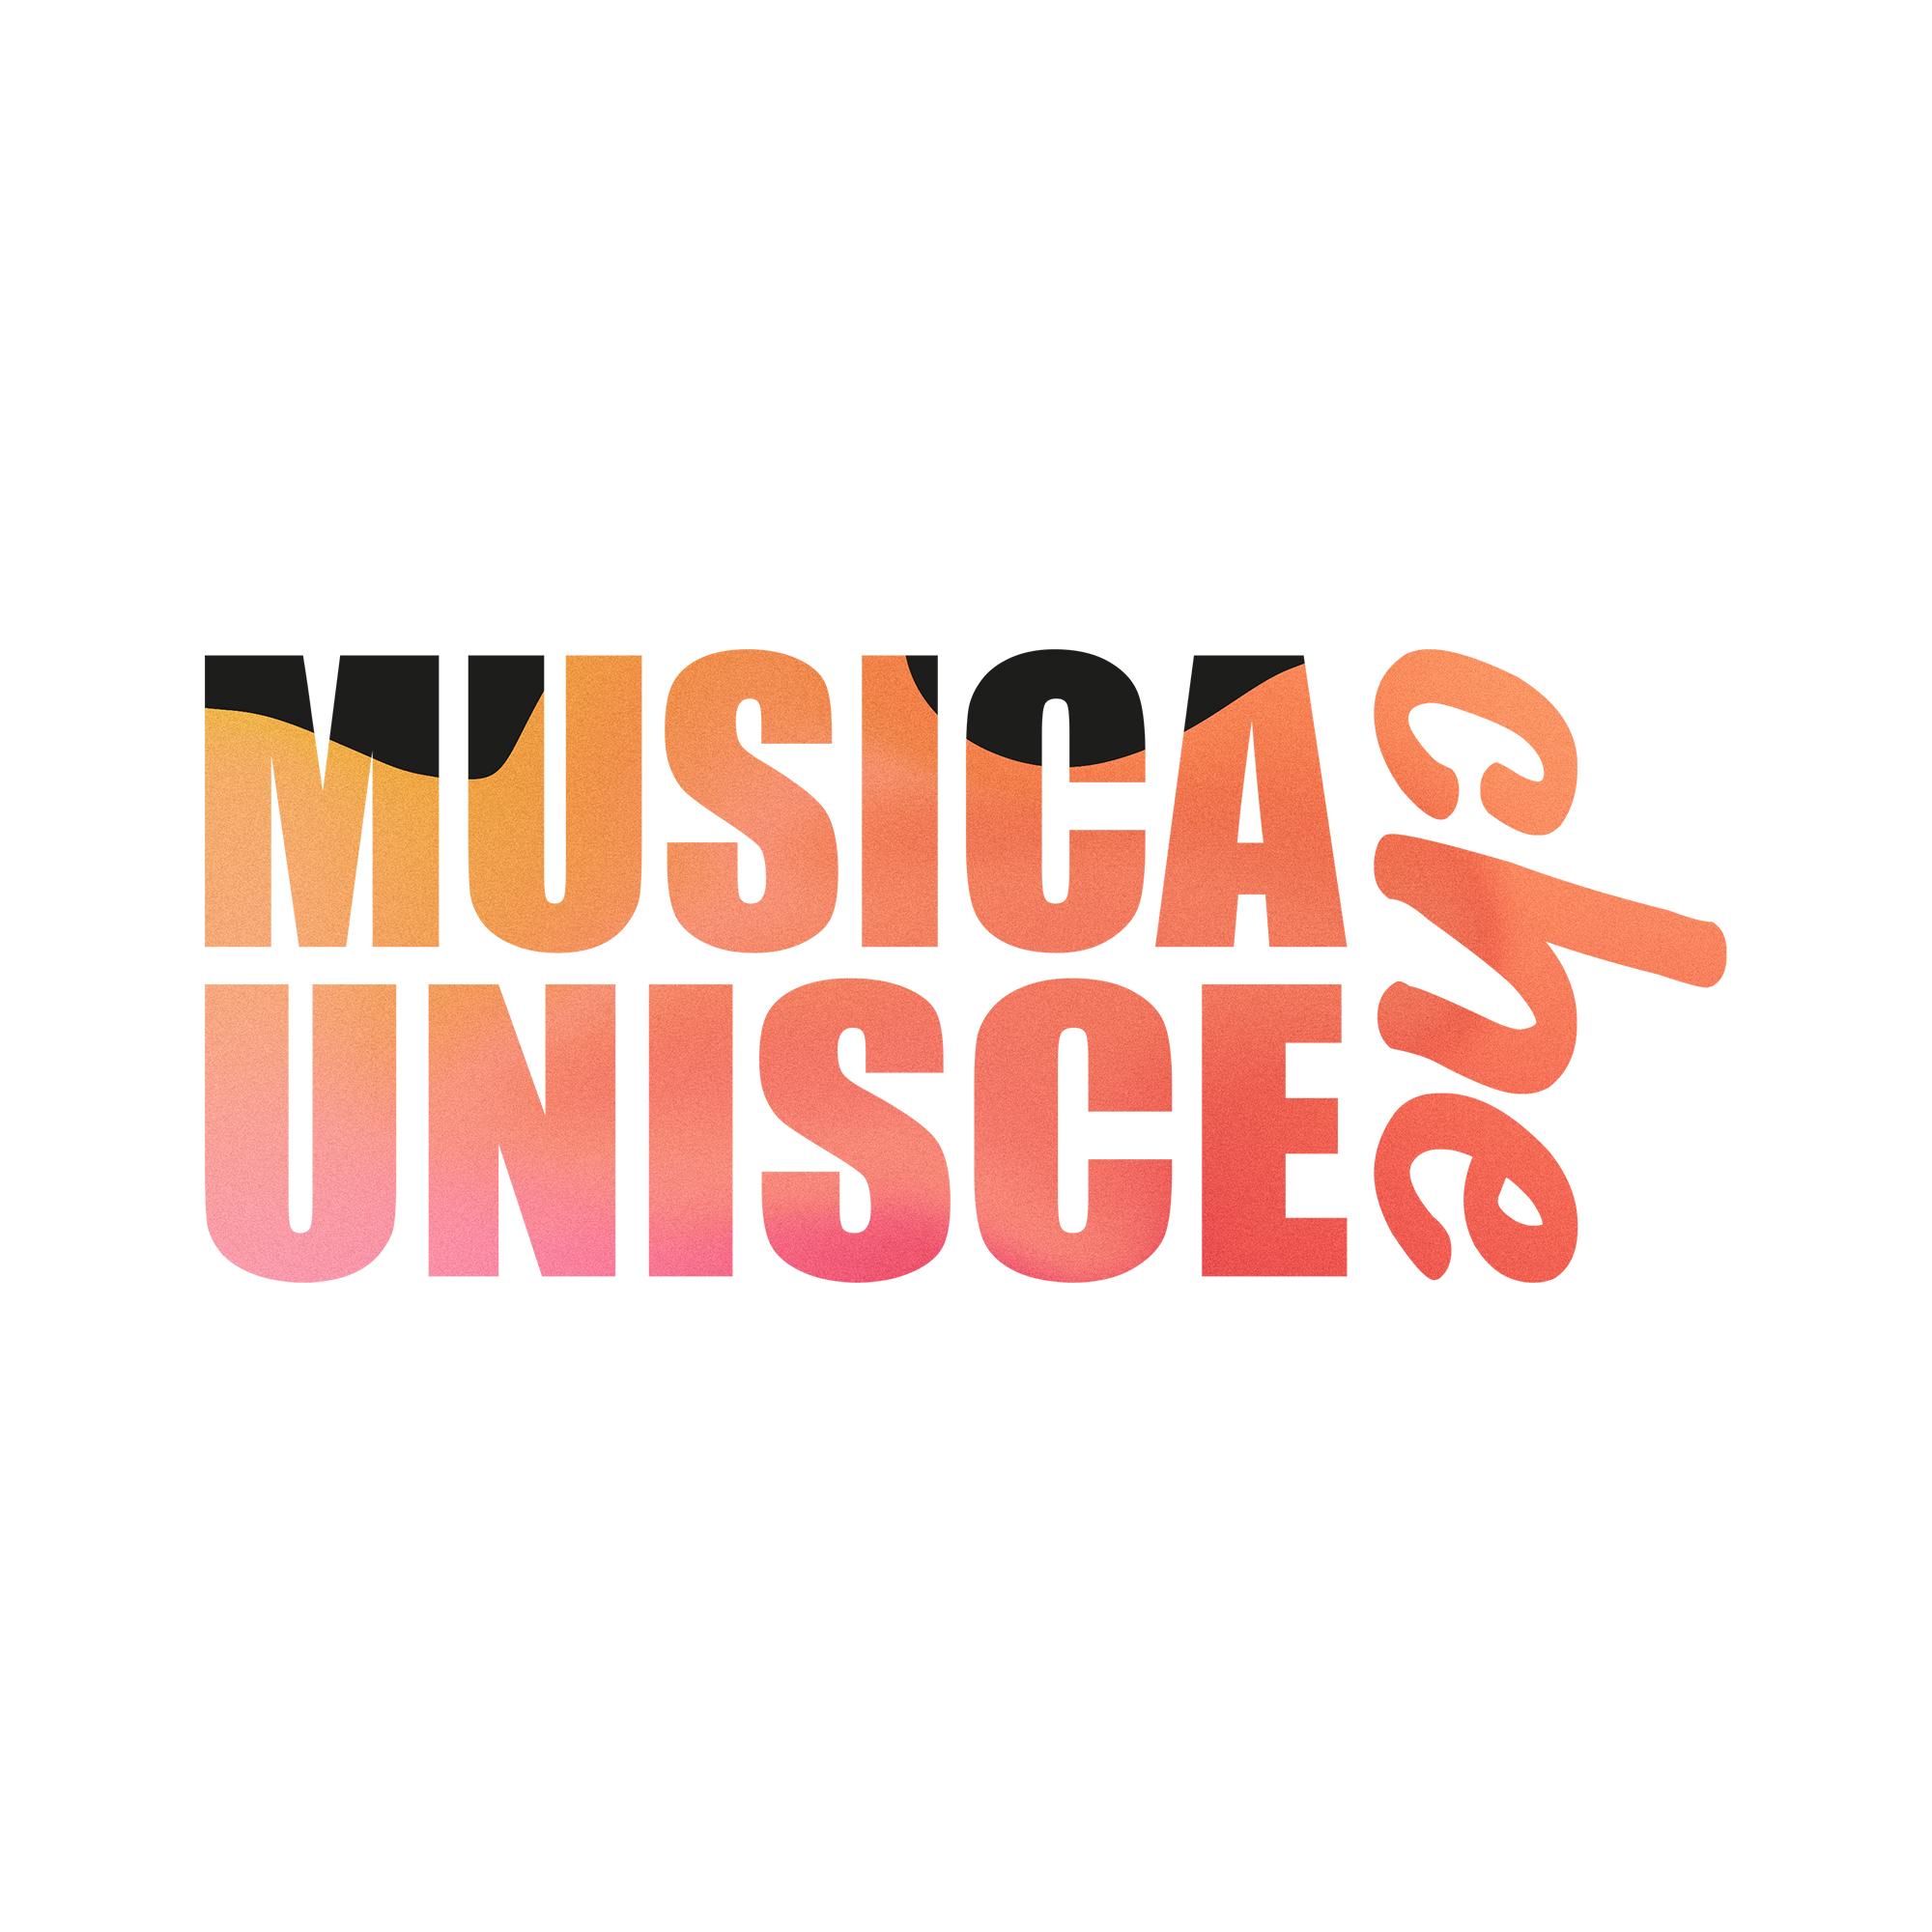 Musica che unisce, l'evento musicale per raccogliere fondi per la Protezione civile